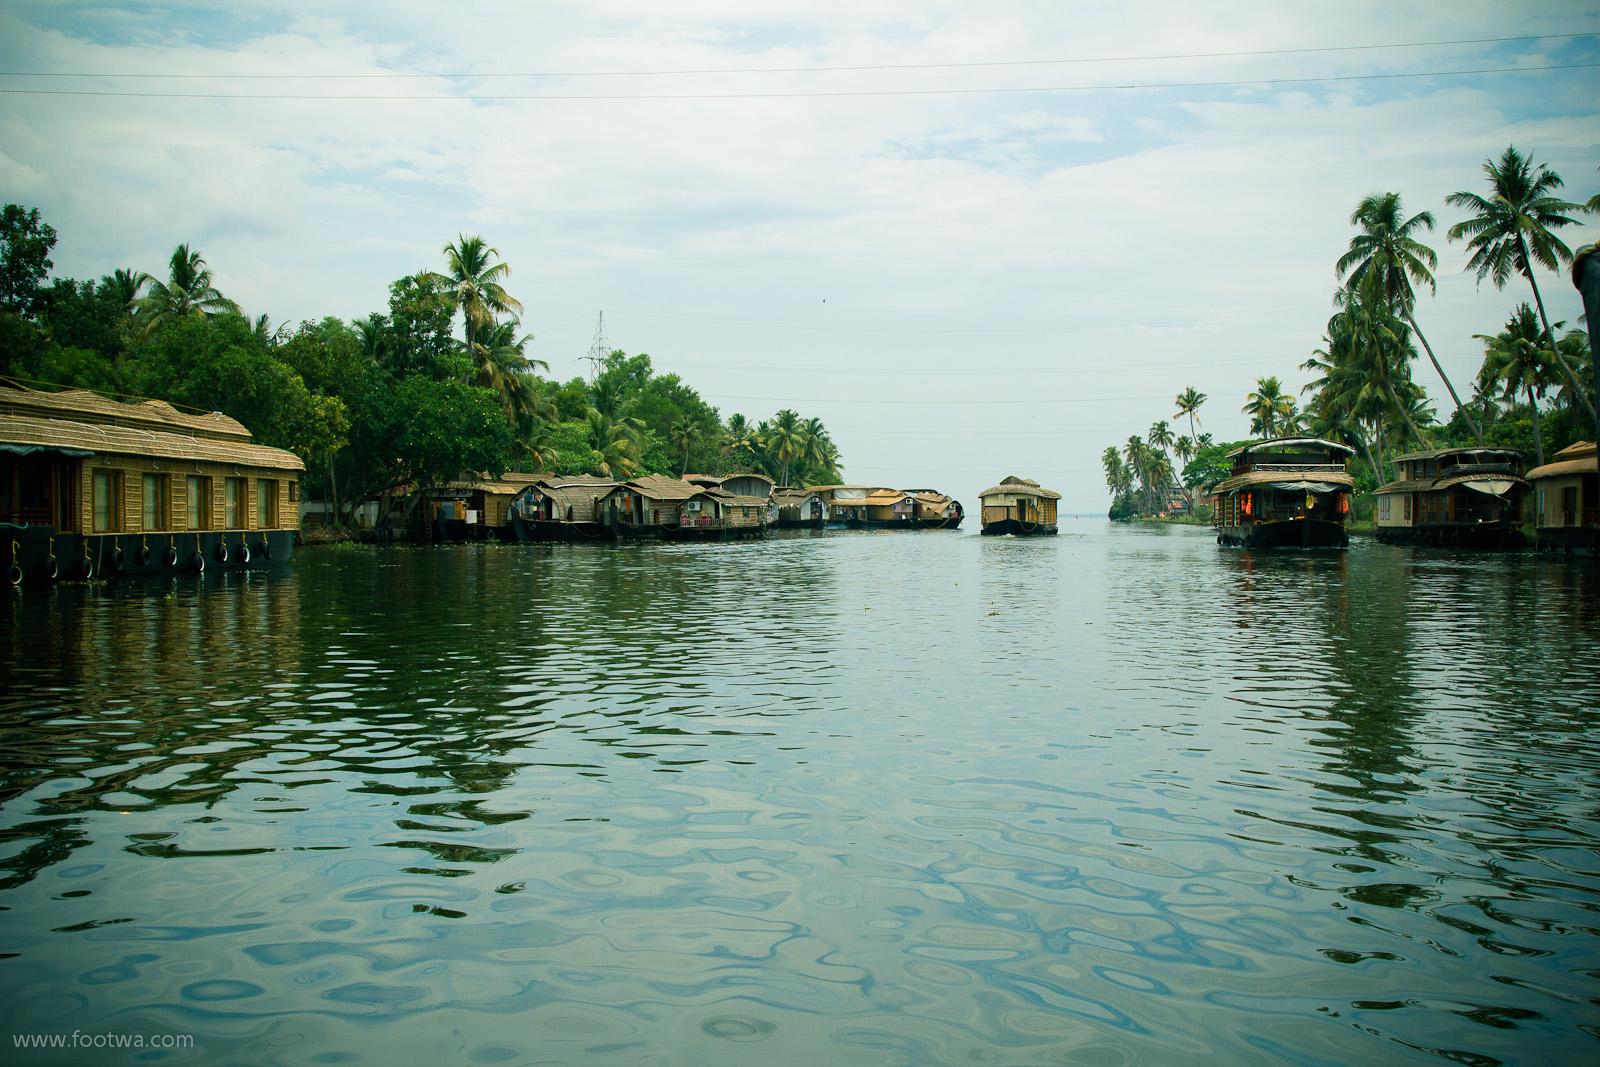 Kerala Backwaters Footwa